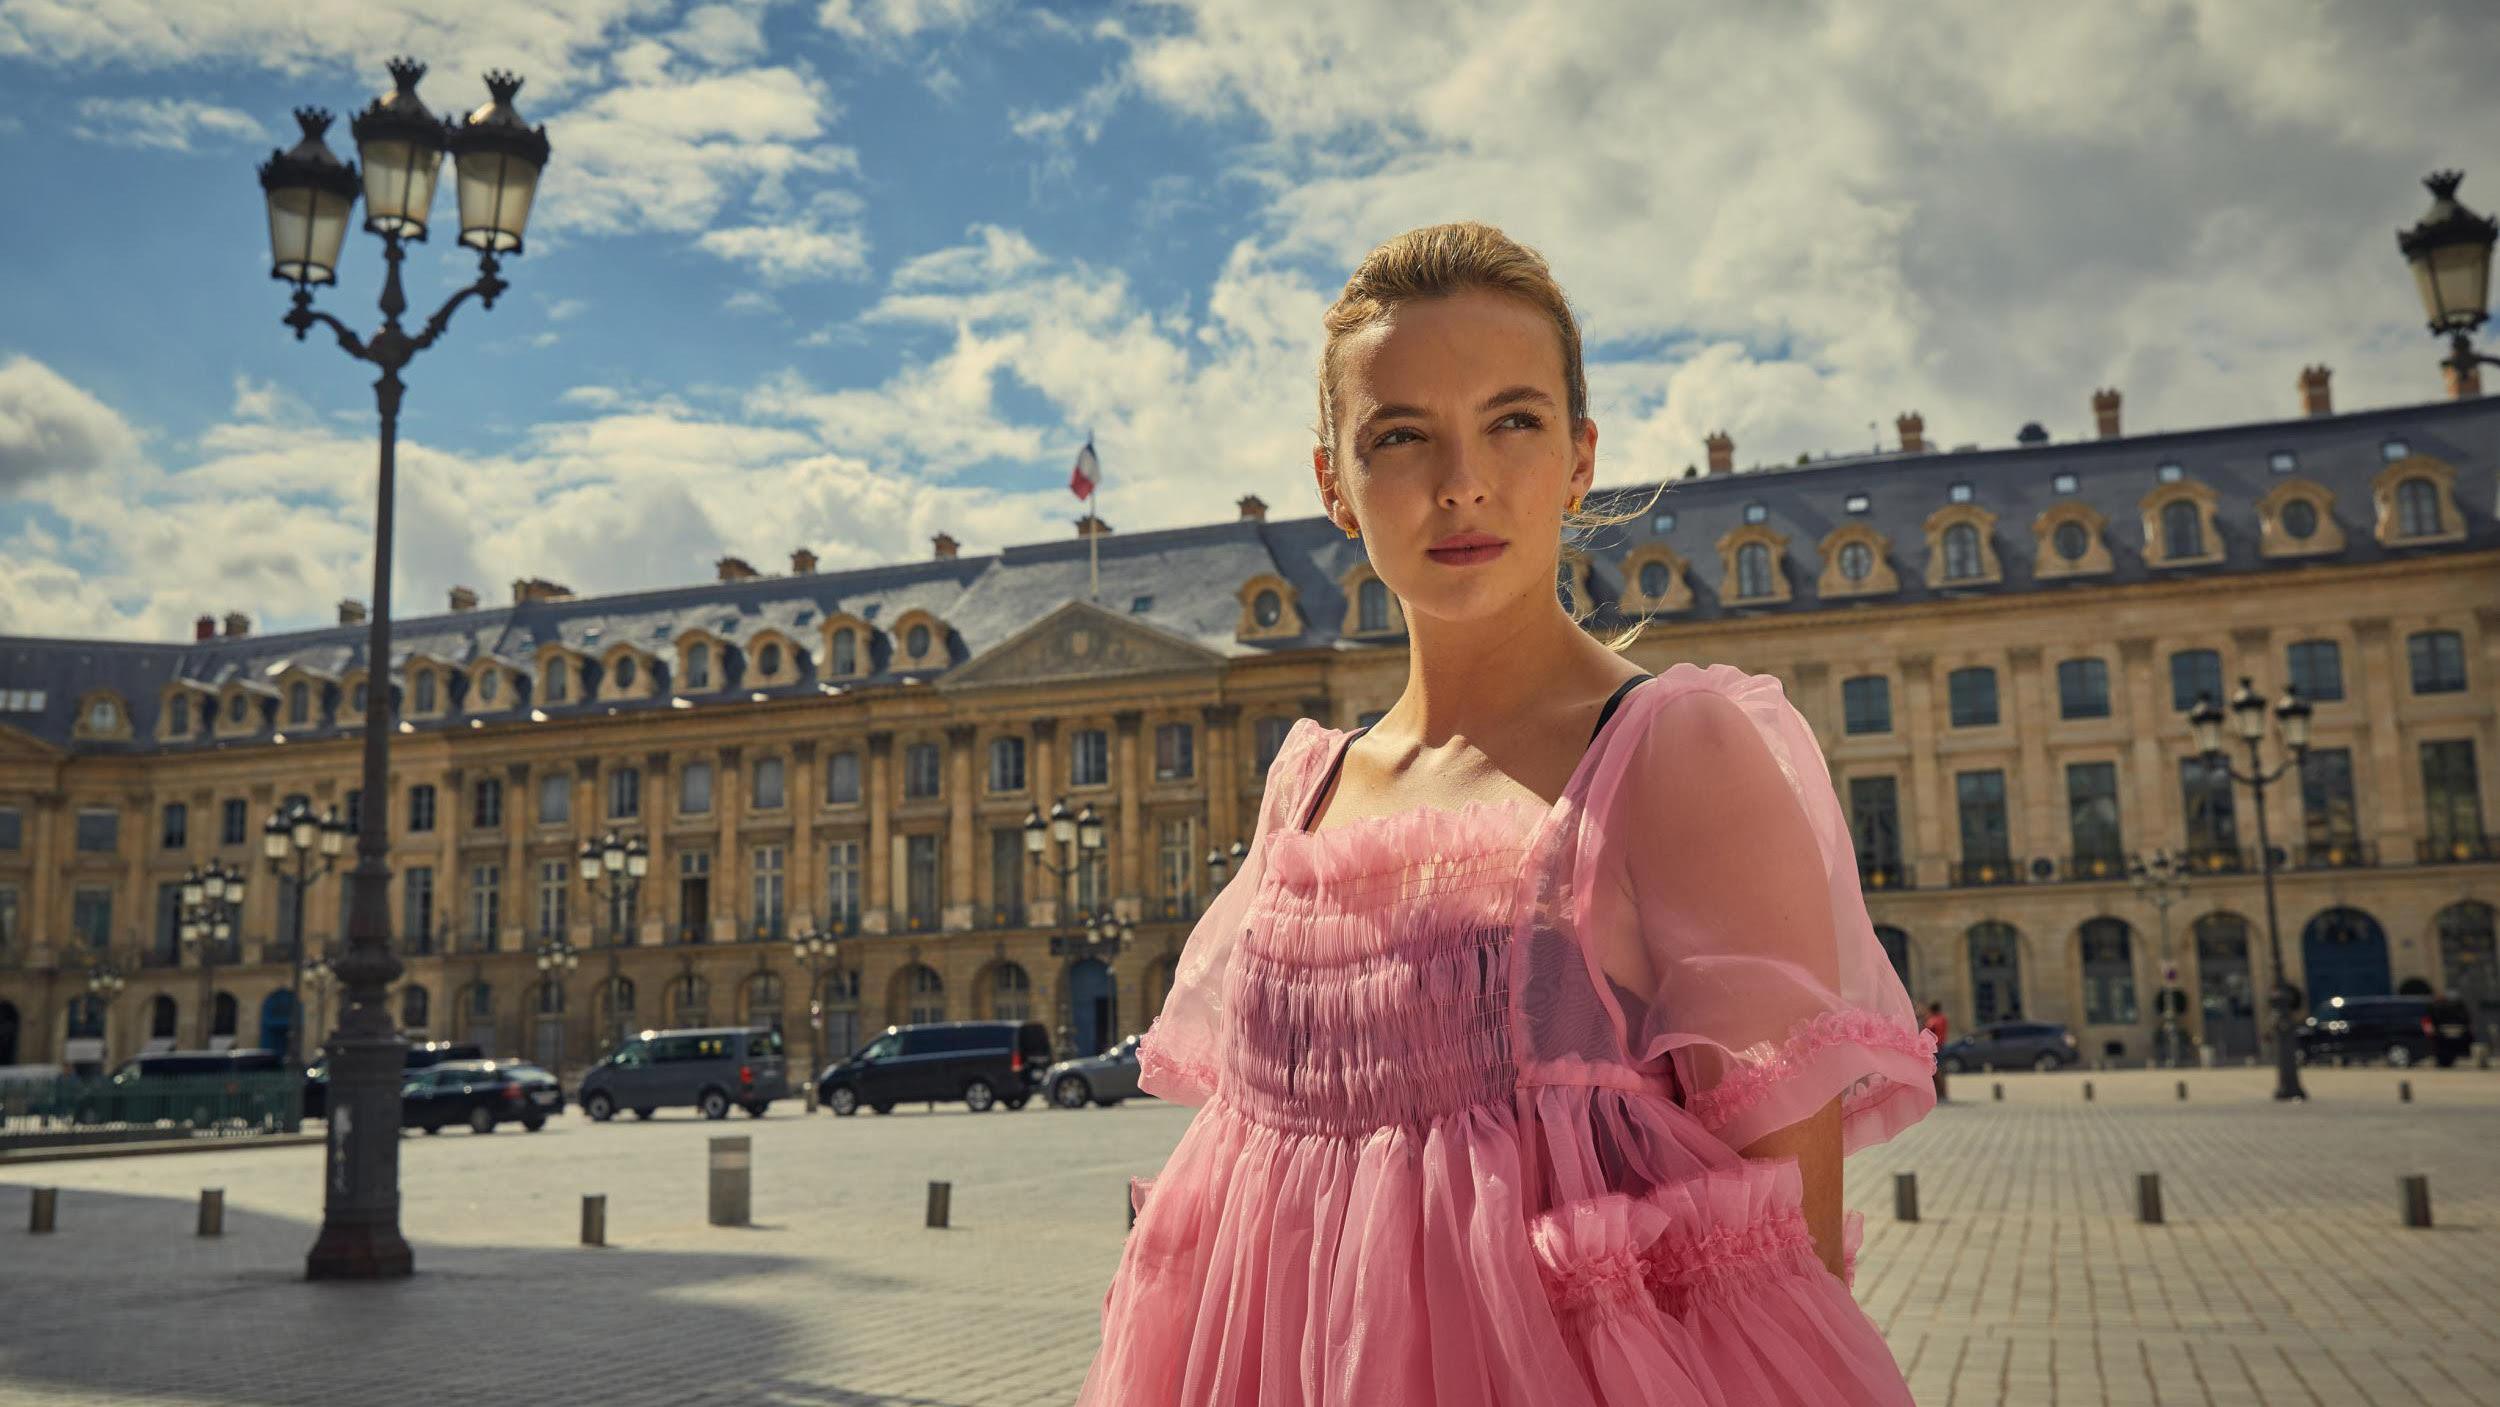 Стокгольм, Париж, Нью-Йорк: топ ароматов, которые заменят путешествия